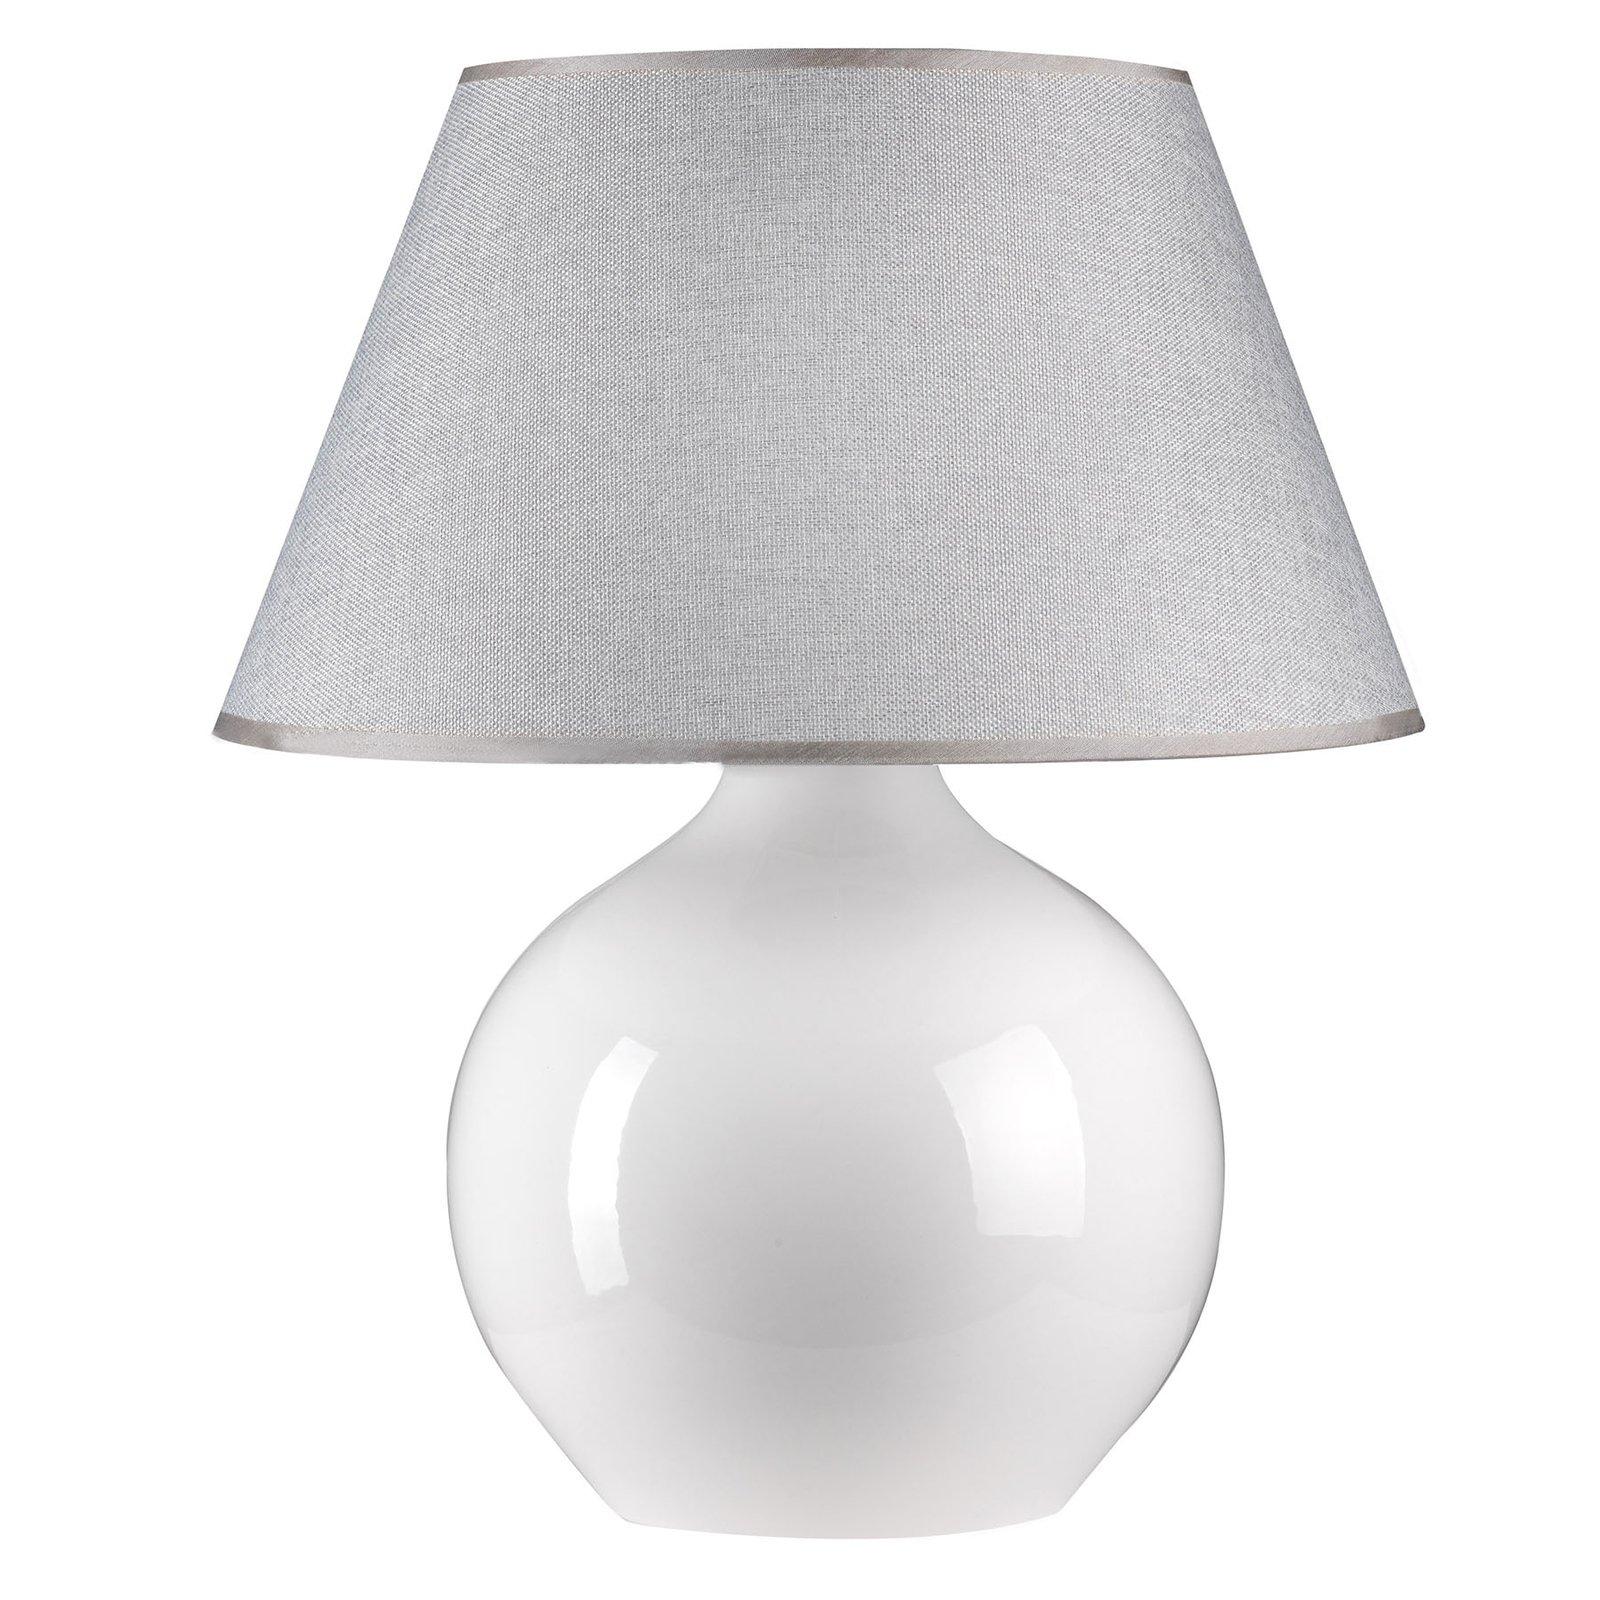 Bordlampe Sfera, 53 cm høyde, hvit/grå